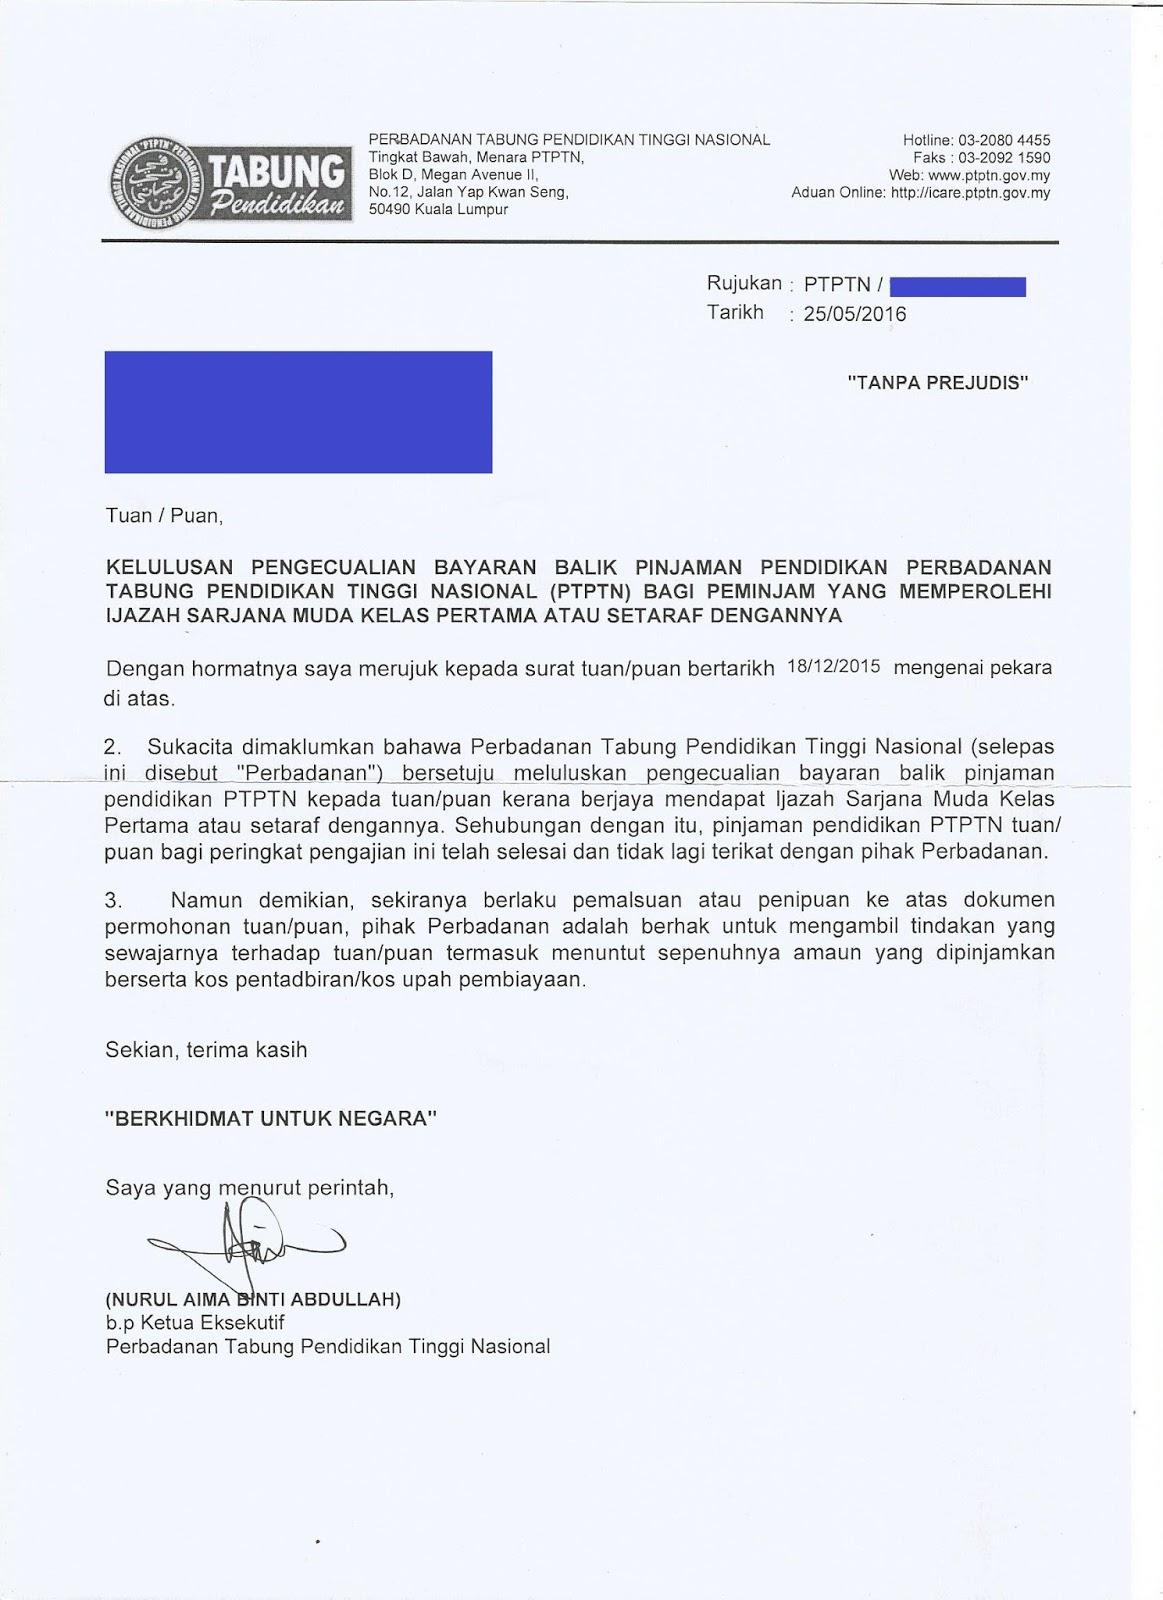 Surat Rasmi Permohonan Pengecualian Bayaran Surat Hh